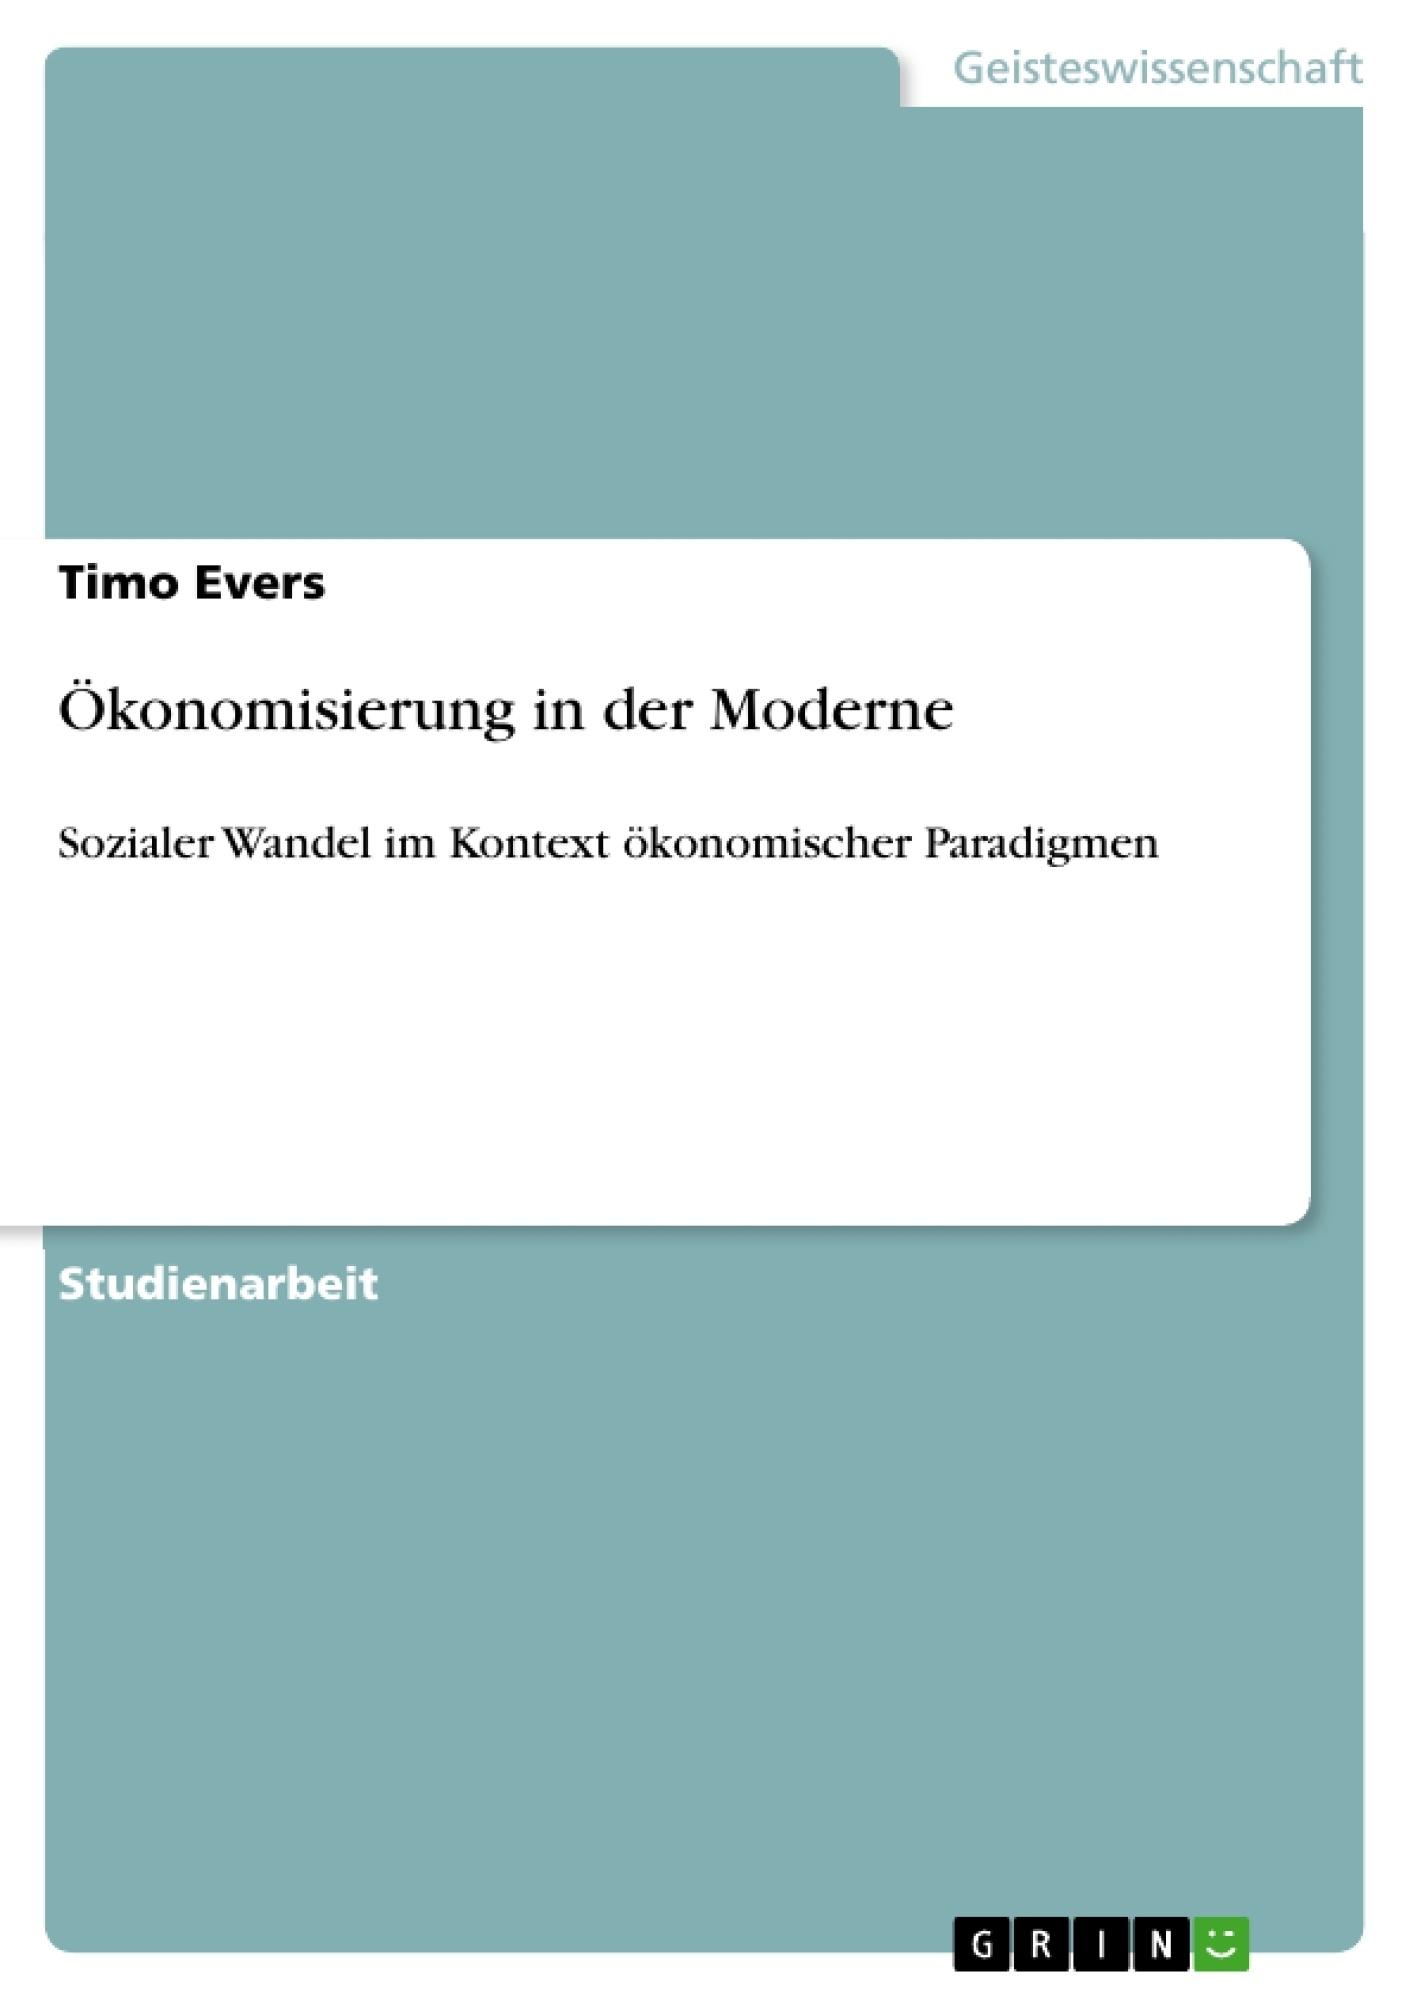 Titel: Ökonomisierung in der Moderne